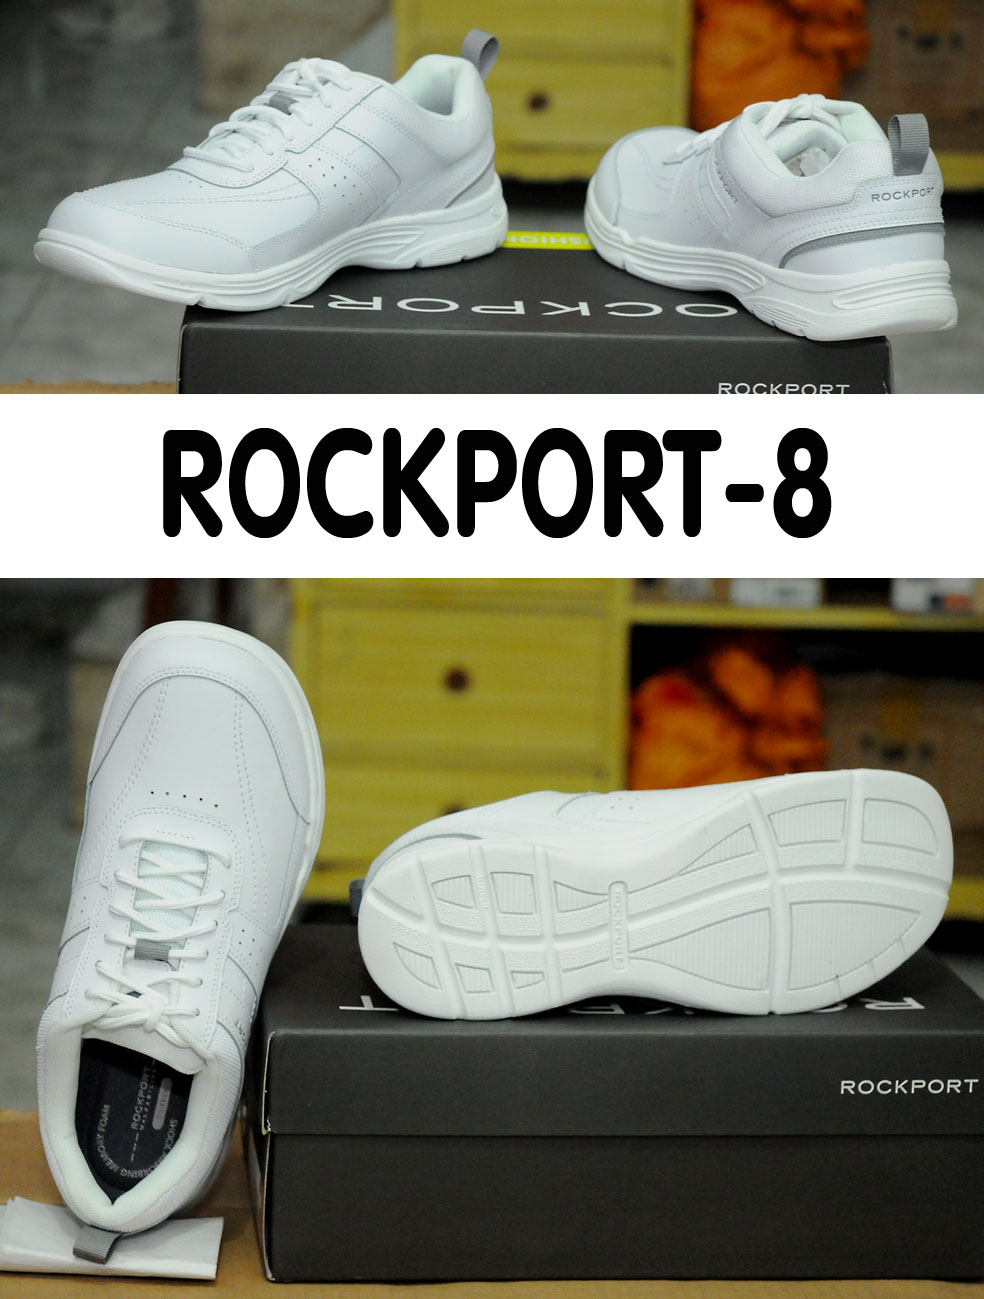 Giày chính hãng ship từ USA - 19